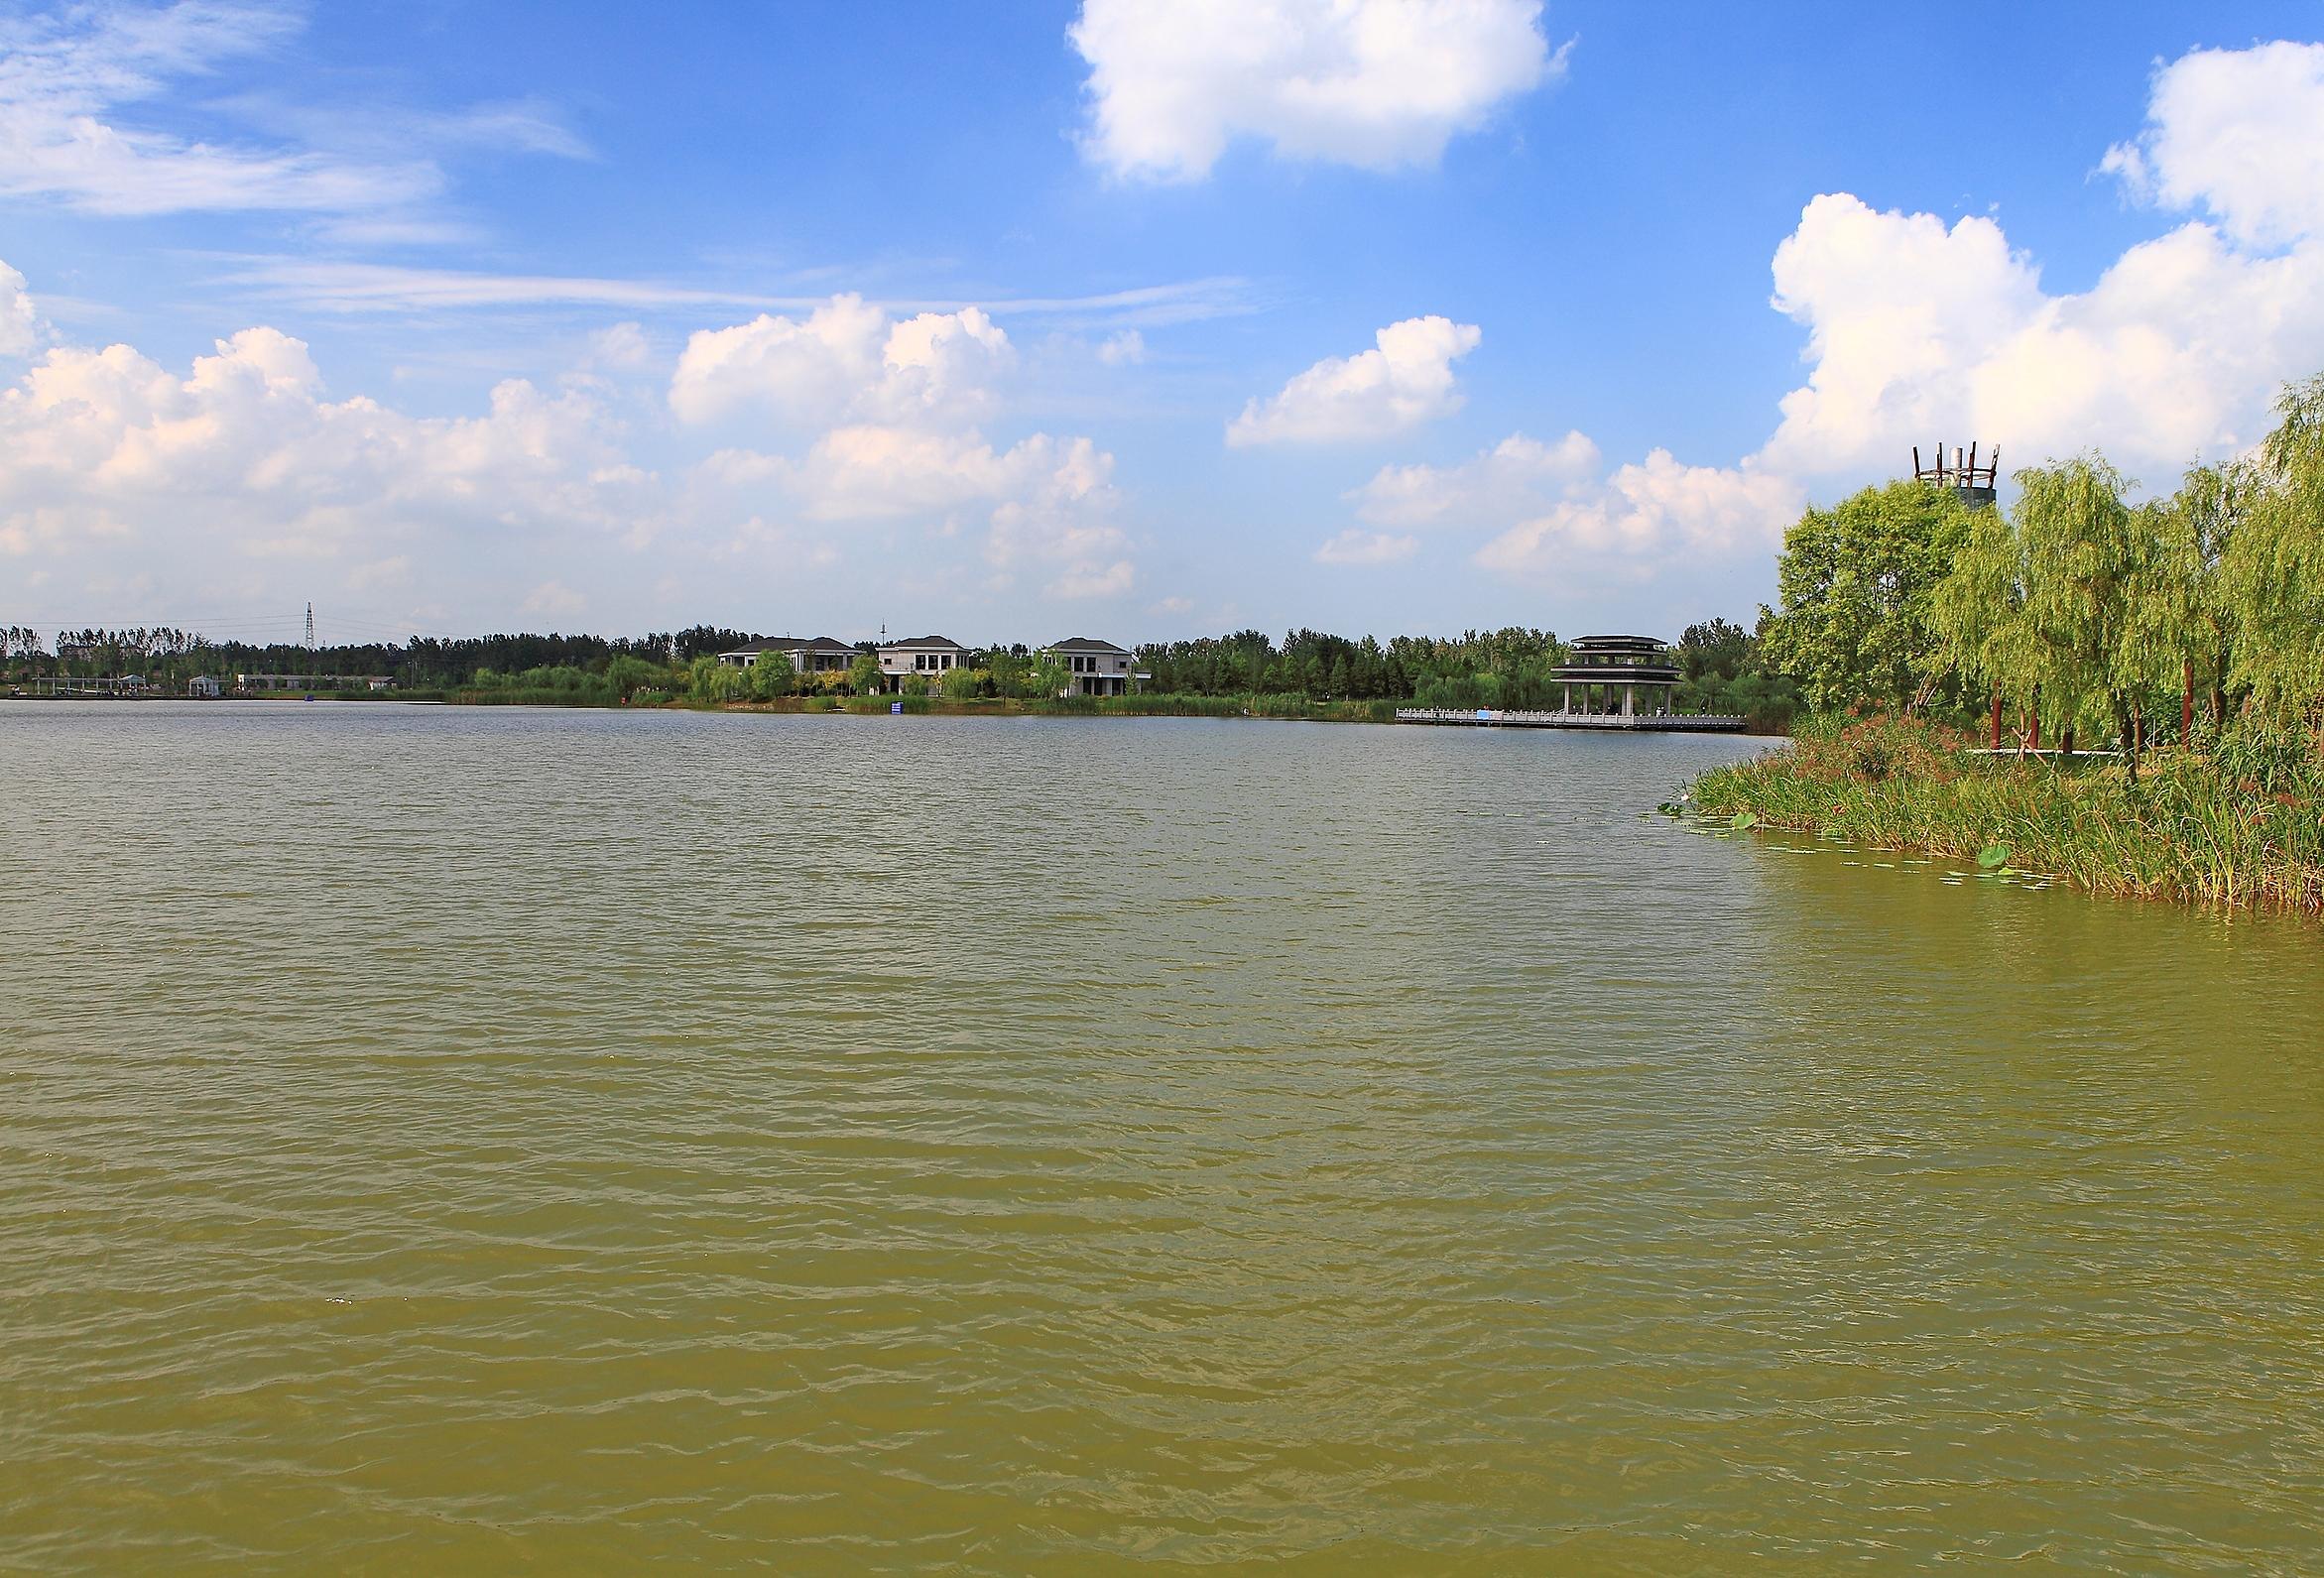 99响水湖城市公园IMG_4450.JPG